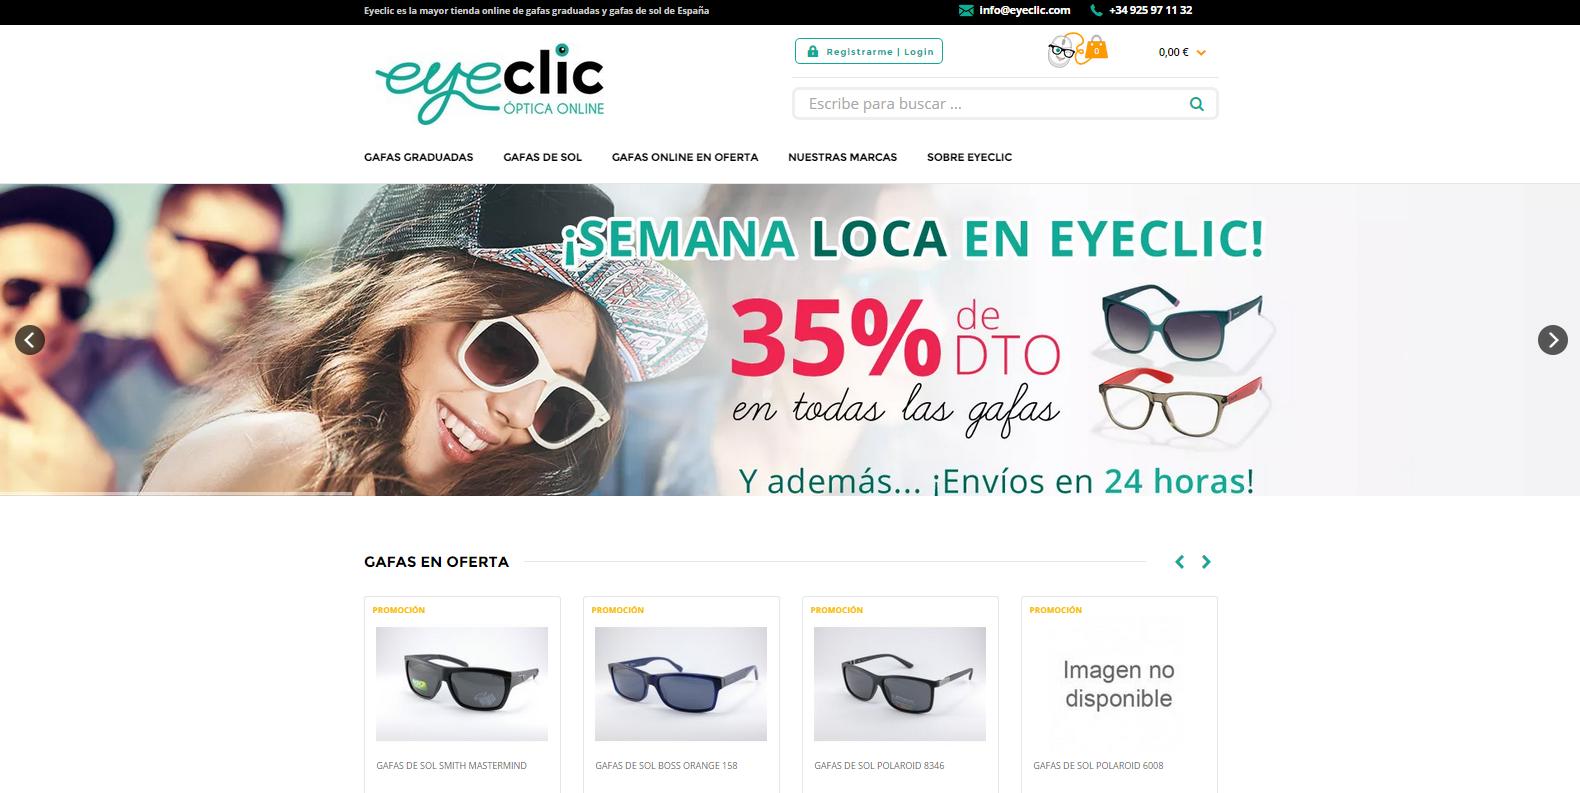 Eyeclic: tienda online de gafas de sol y graduadas